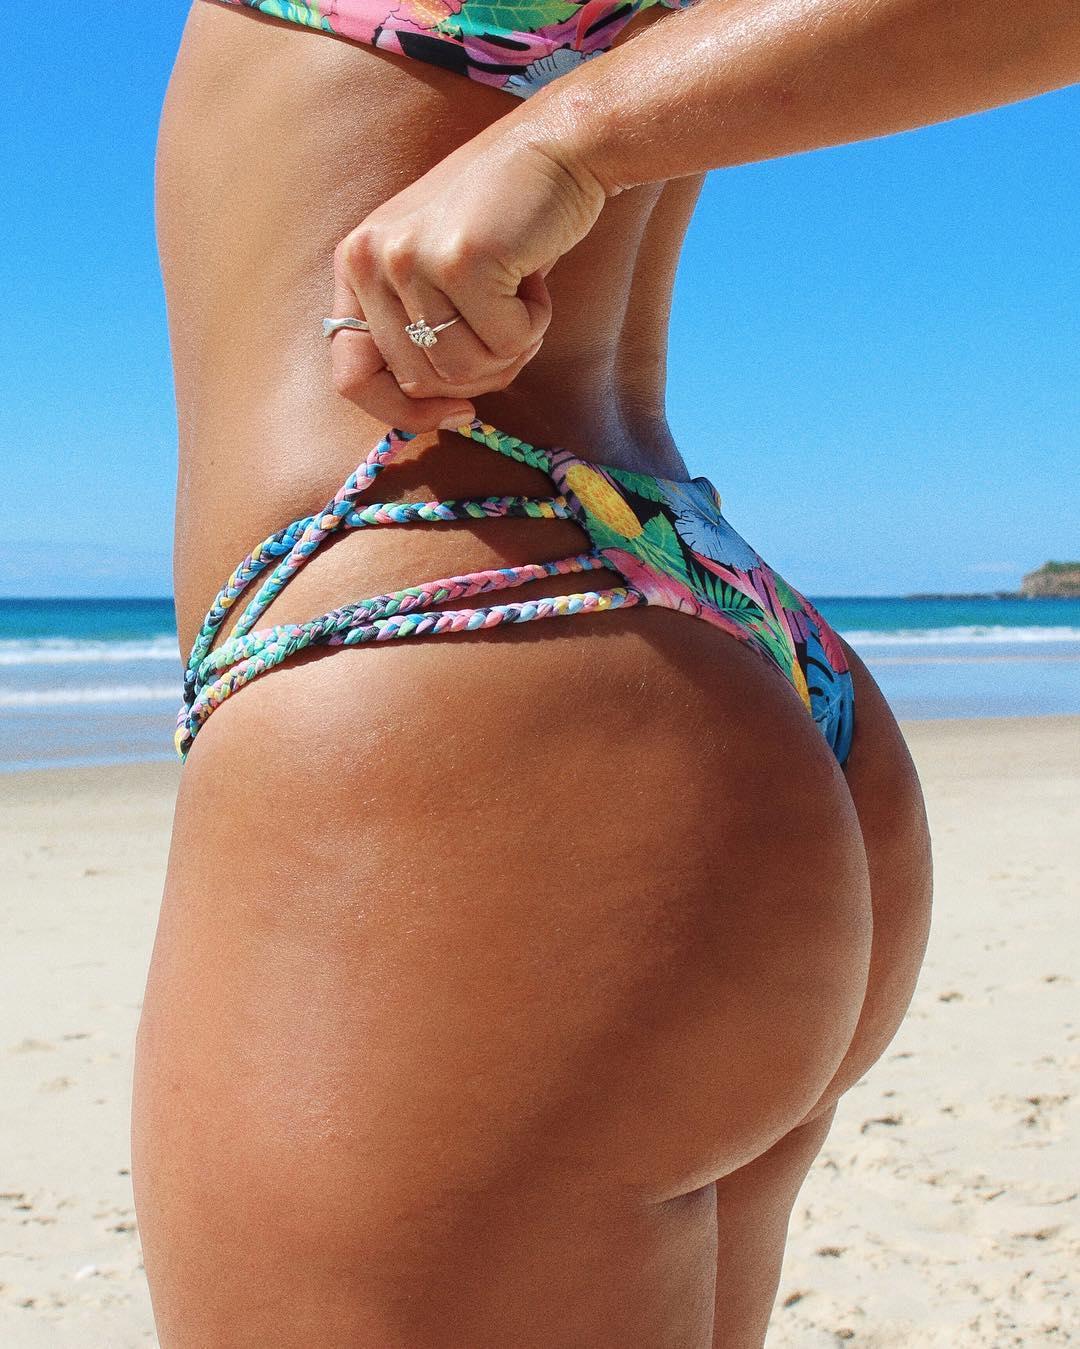 private mature milf in bikini